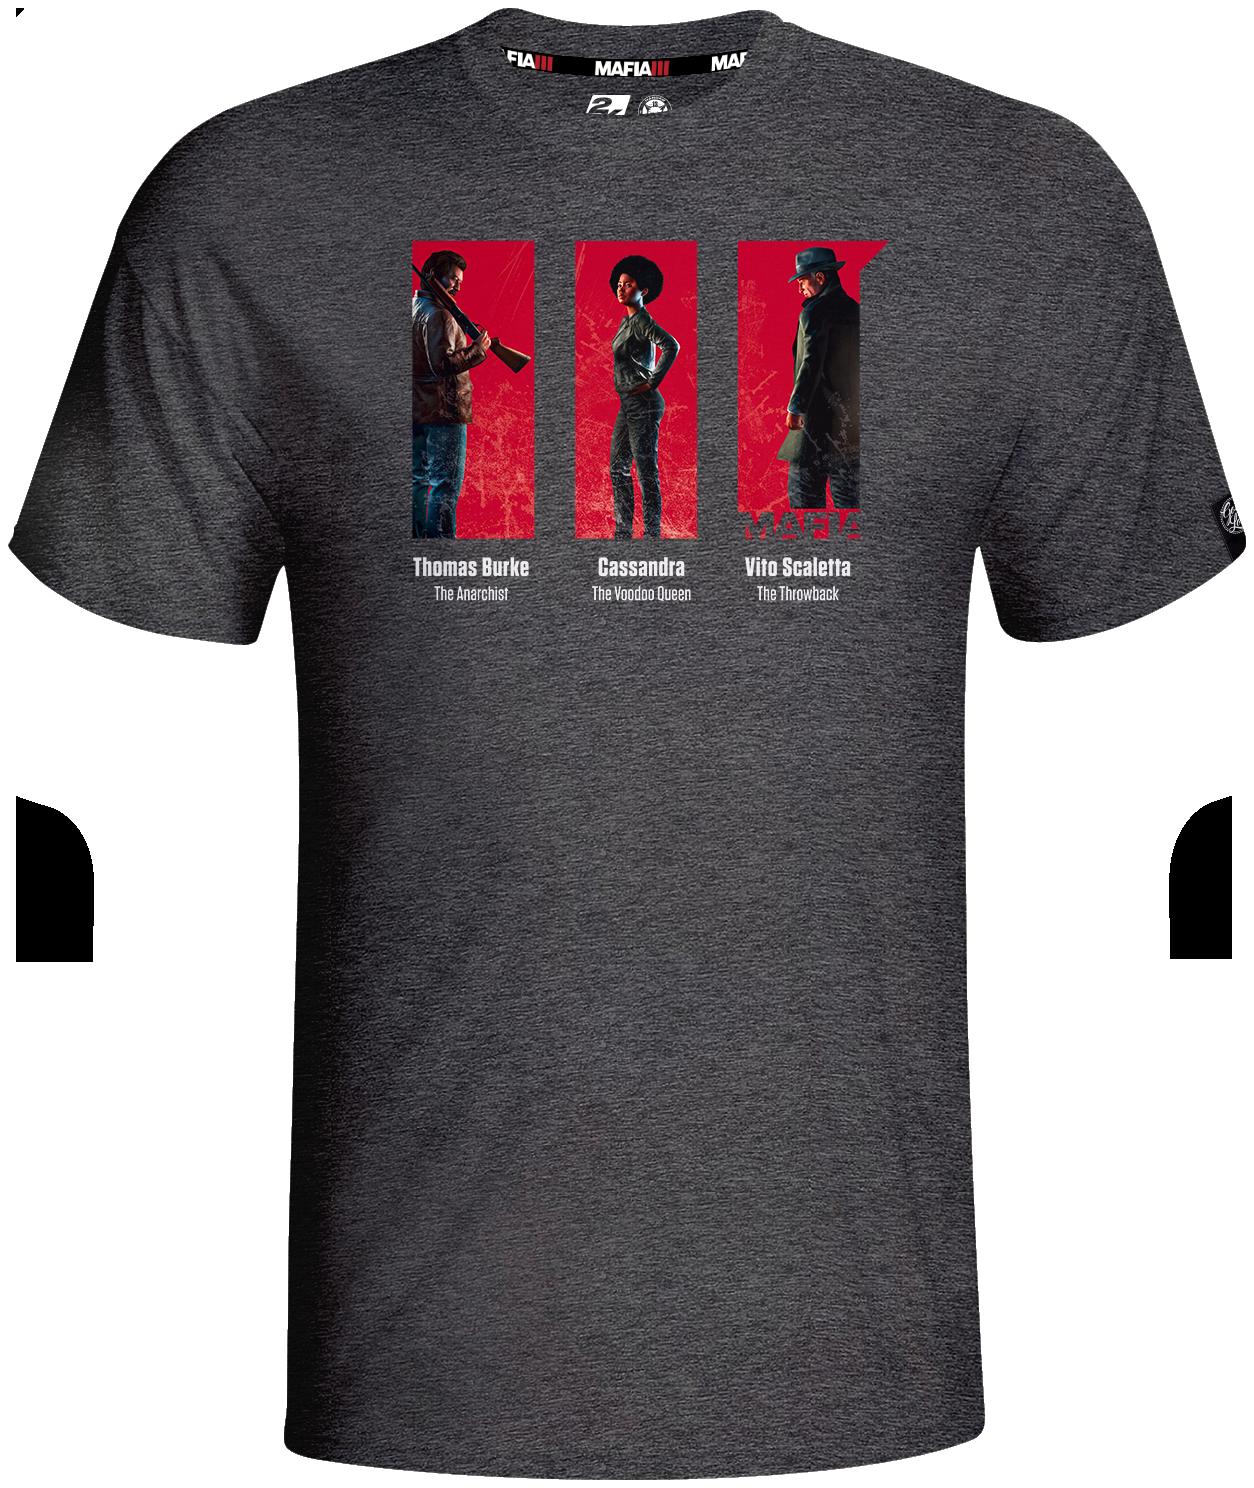 Mafia III Lieutenants T-shirt - XL